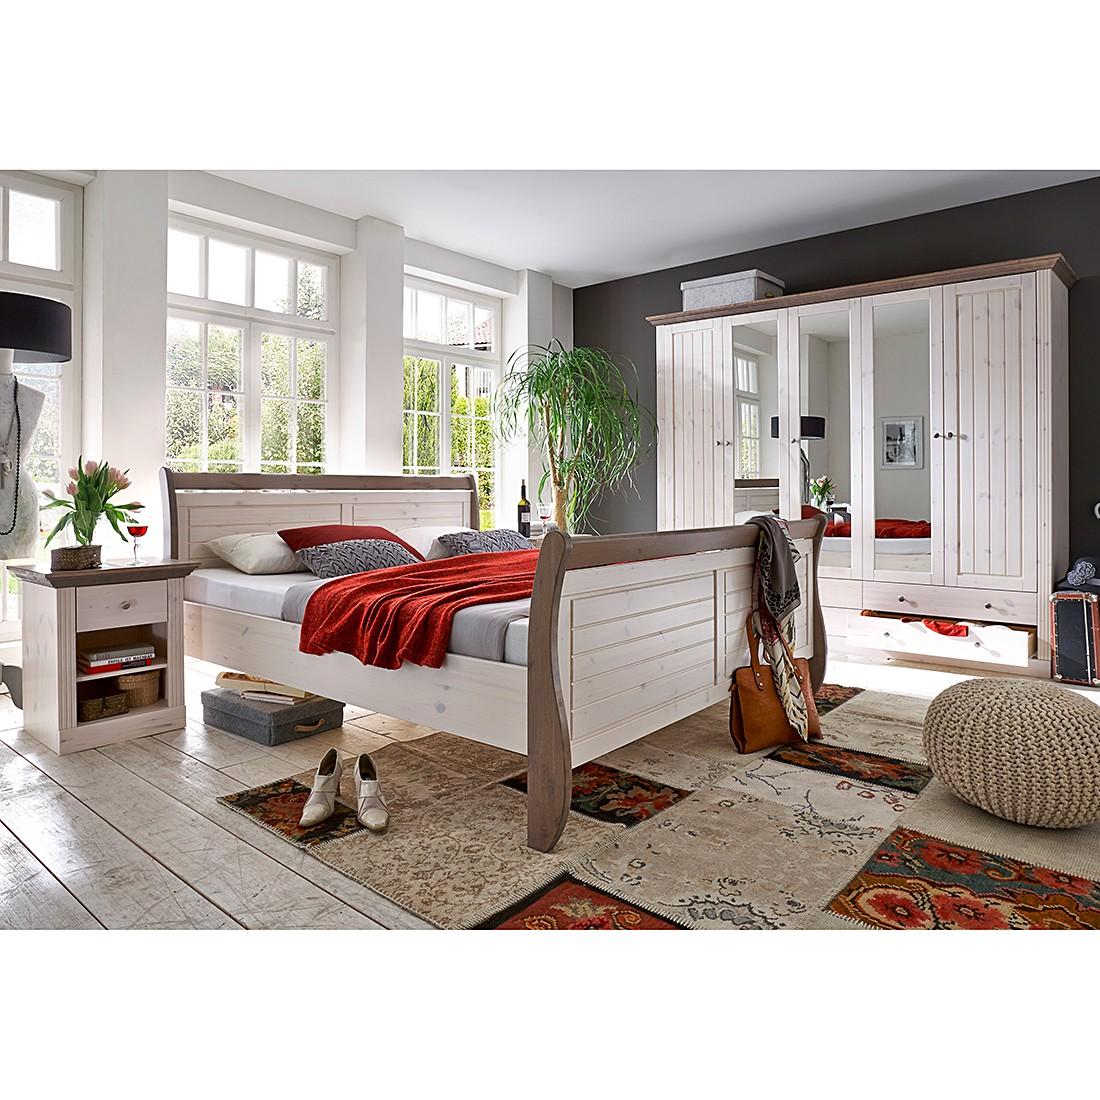 Schlafzimmersets | Schlafzimmer Komplett Online Kaufen | Home24, Schlafzimmer  Entwurf